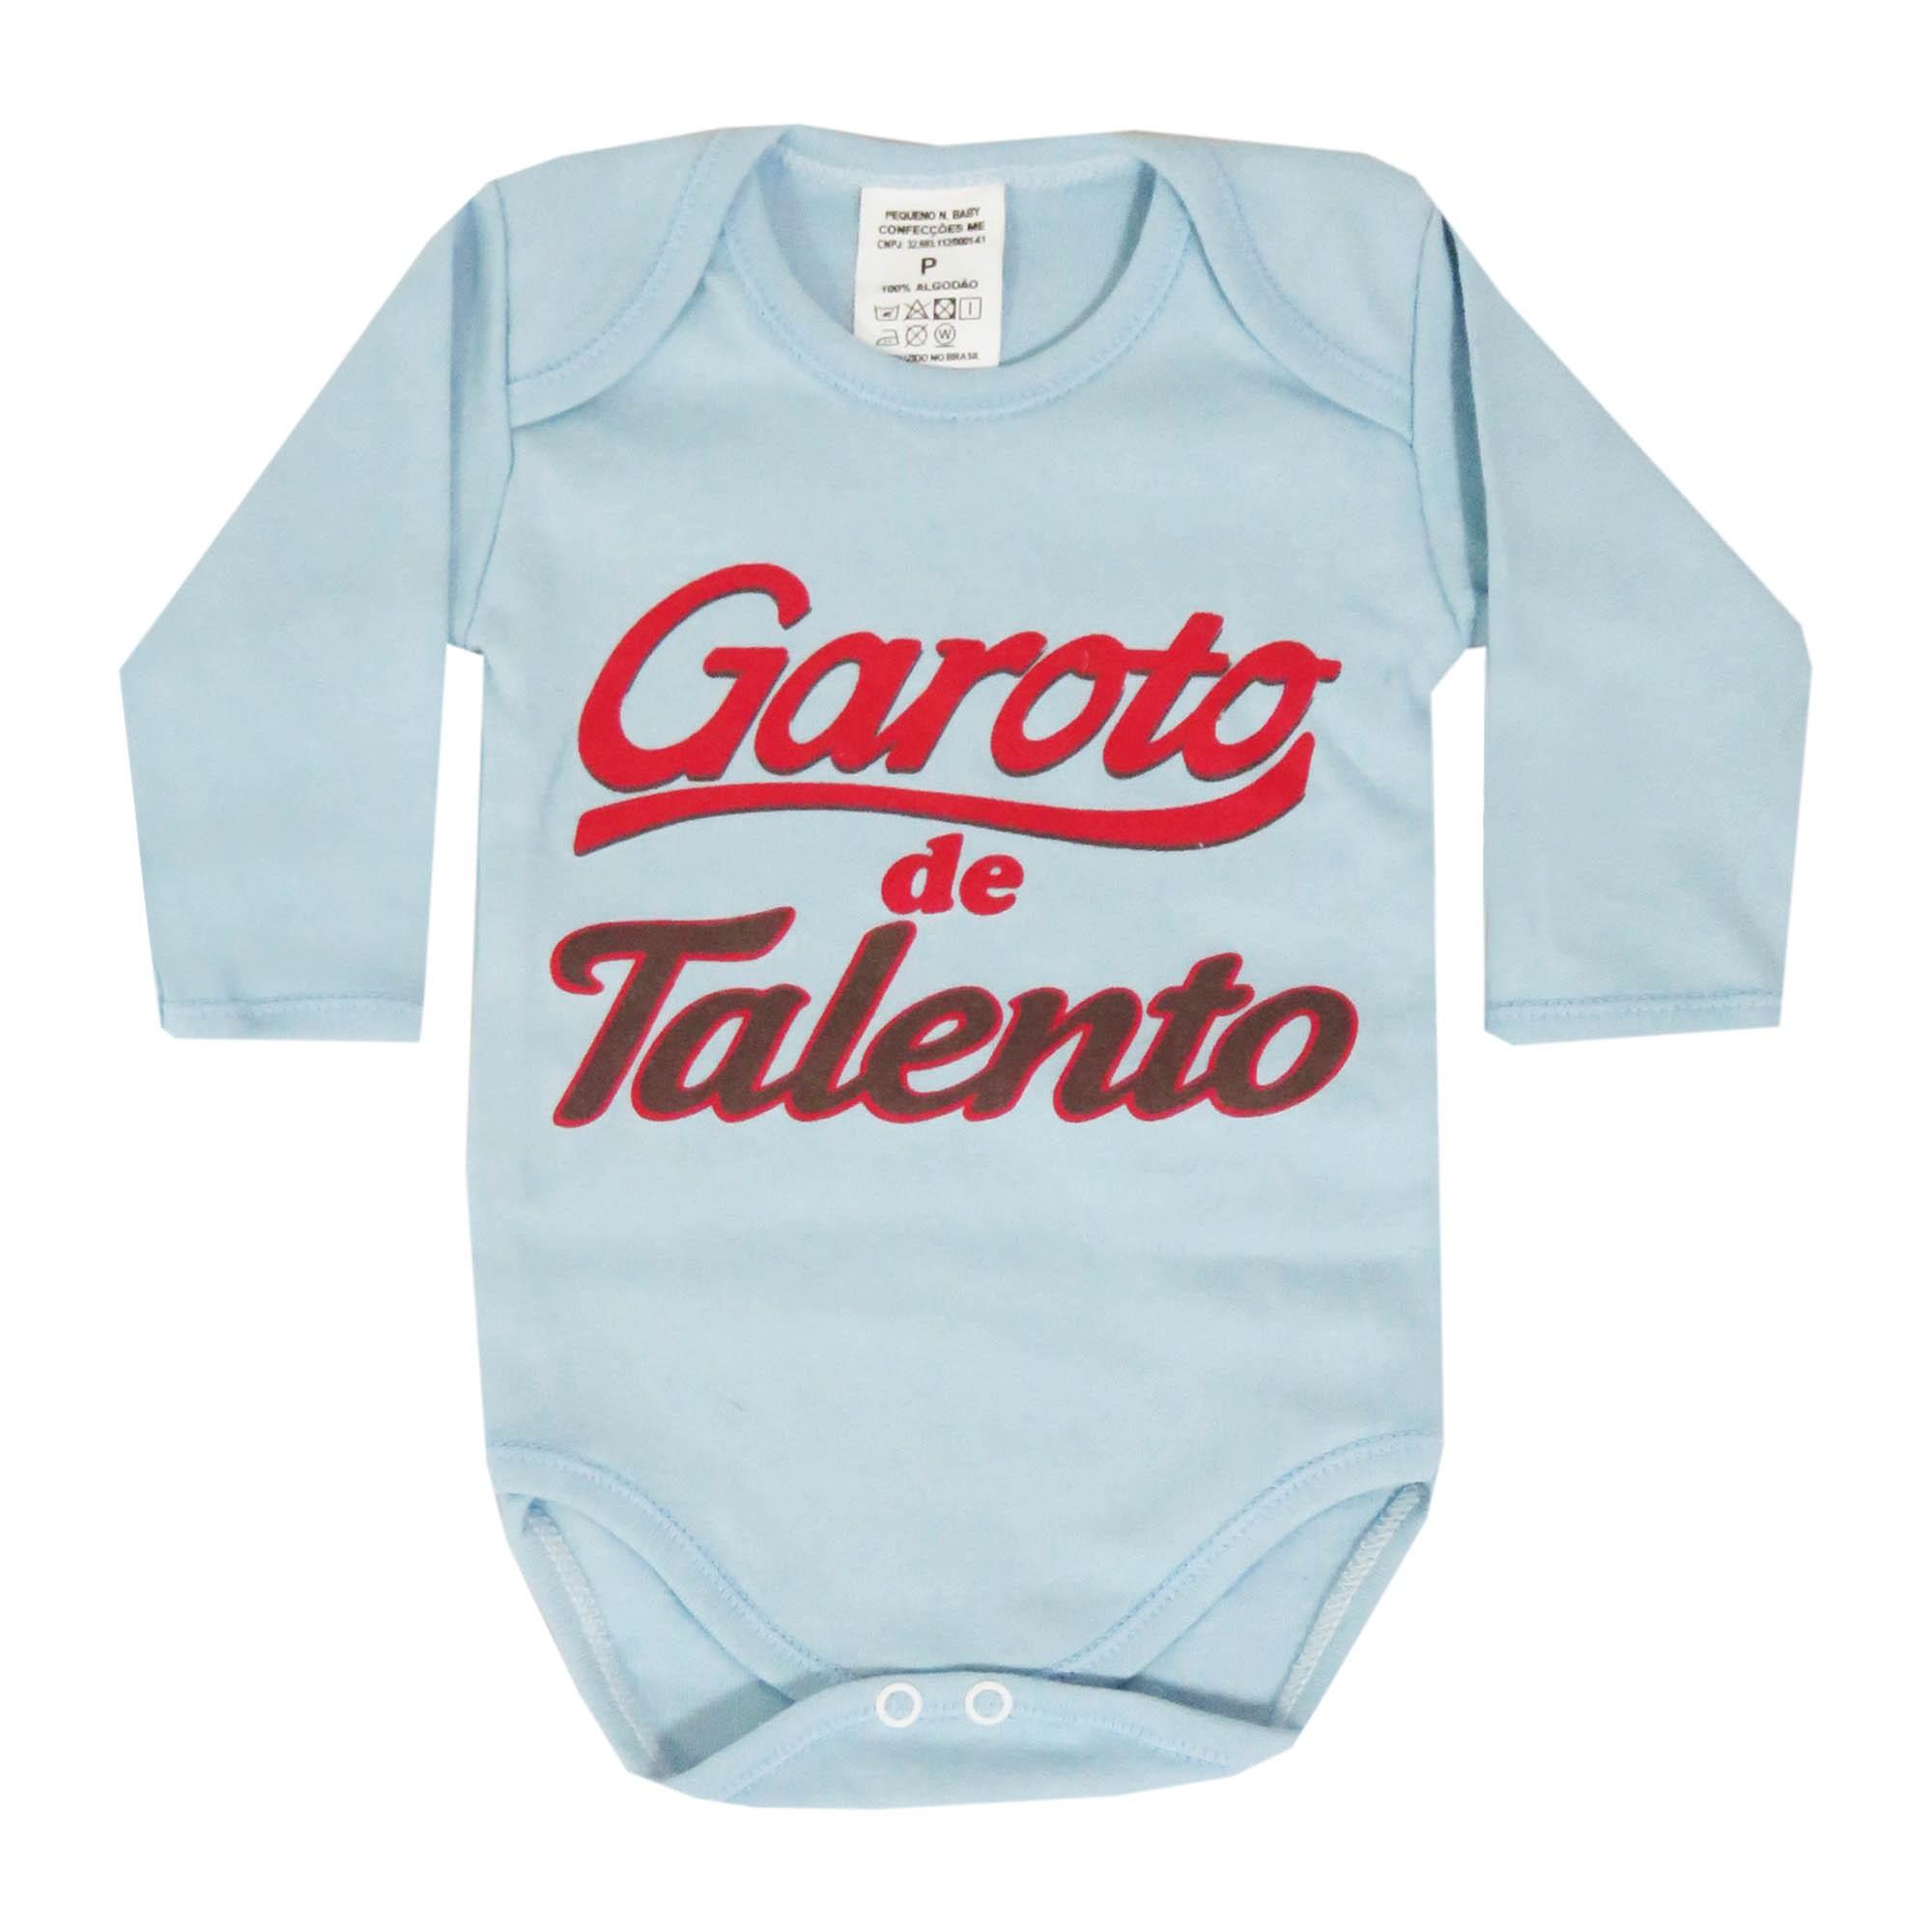 Body Pequenino Baby Frases Dormir? Não Obrigado, Não Perturbe Estou Mamando, Garoto de Talento - P ao G